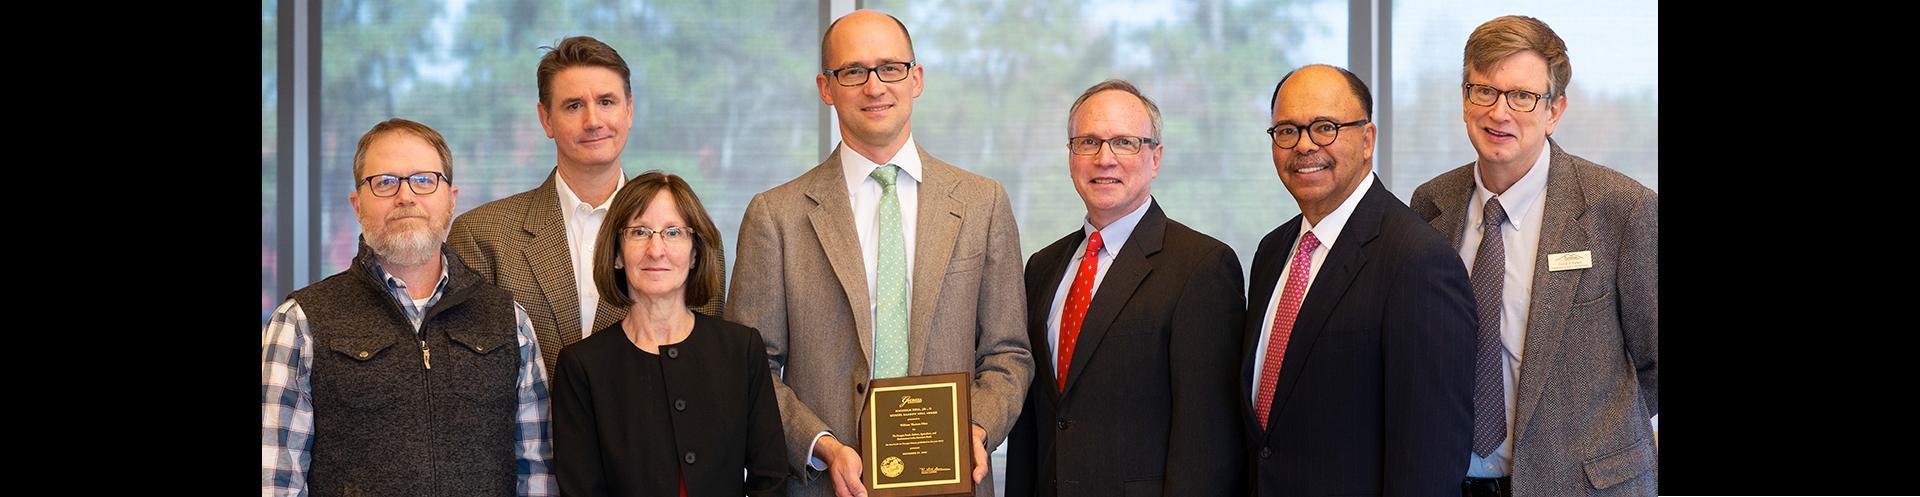 Tom Okie Earns Bell Award